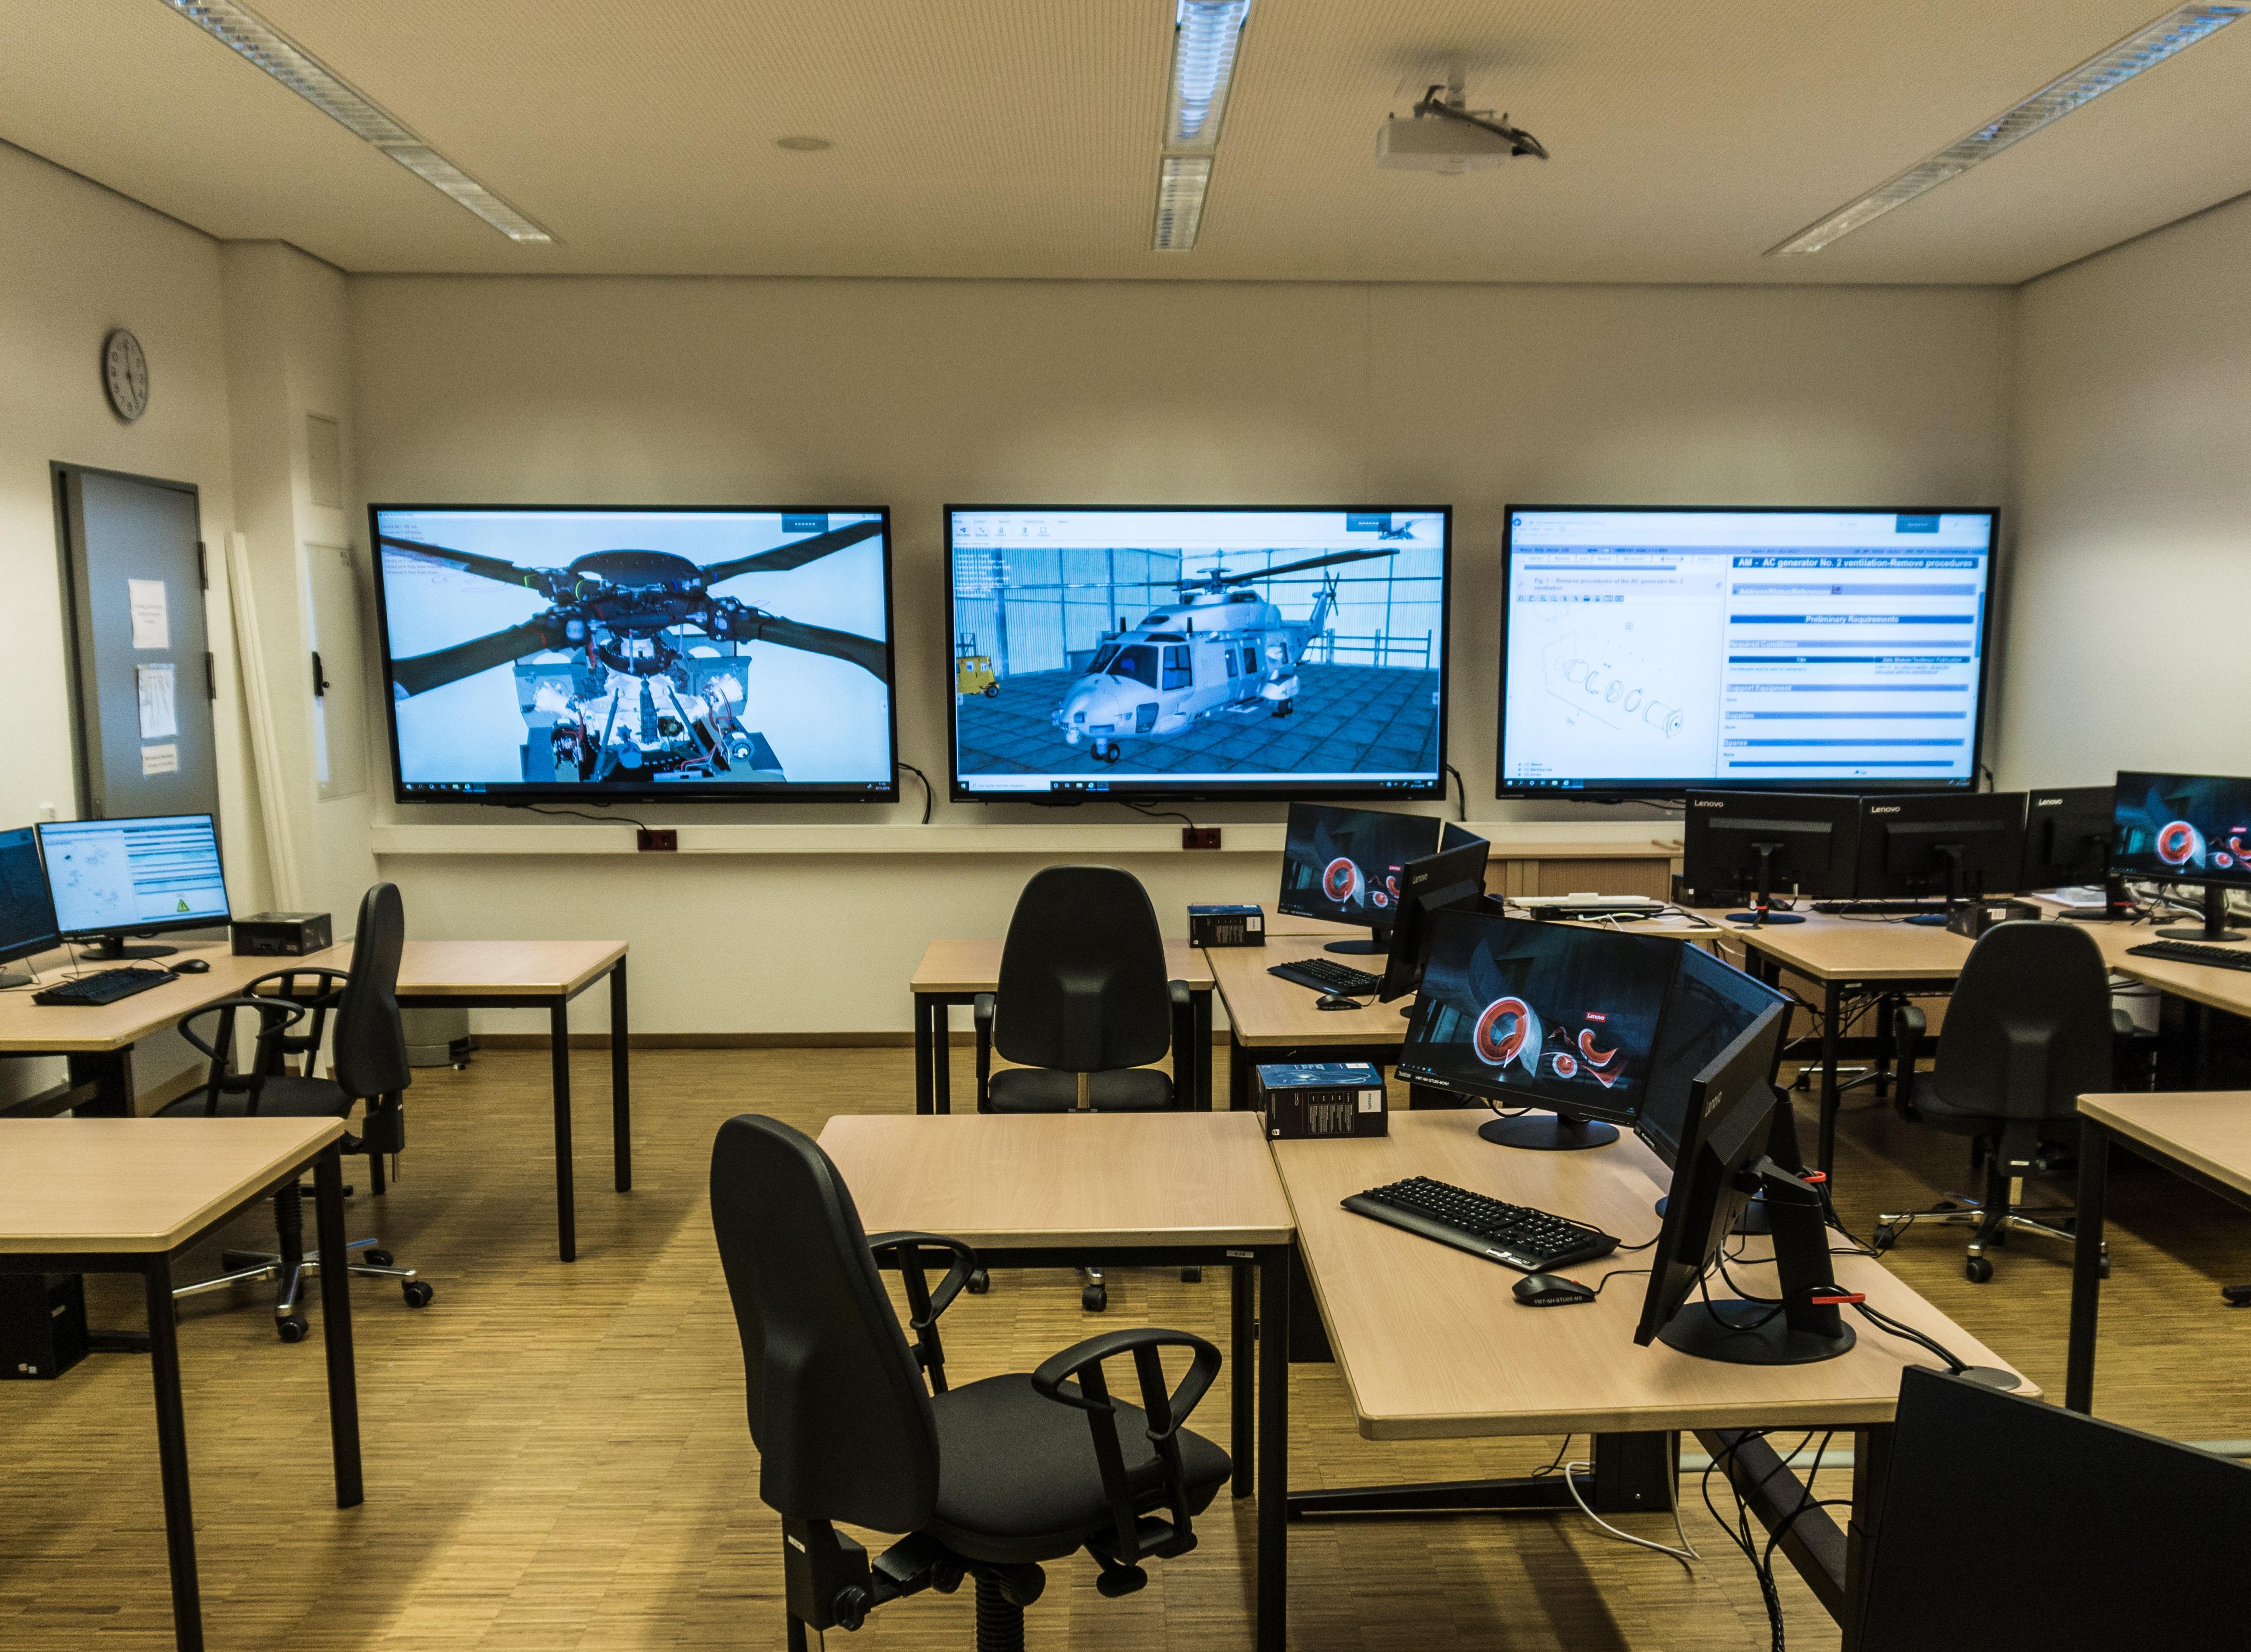 NH-90 classroom